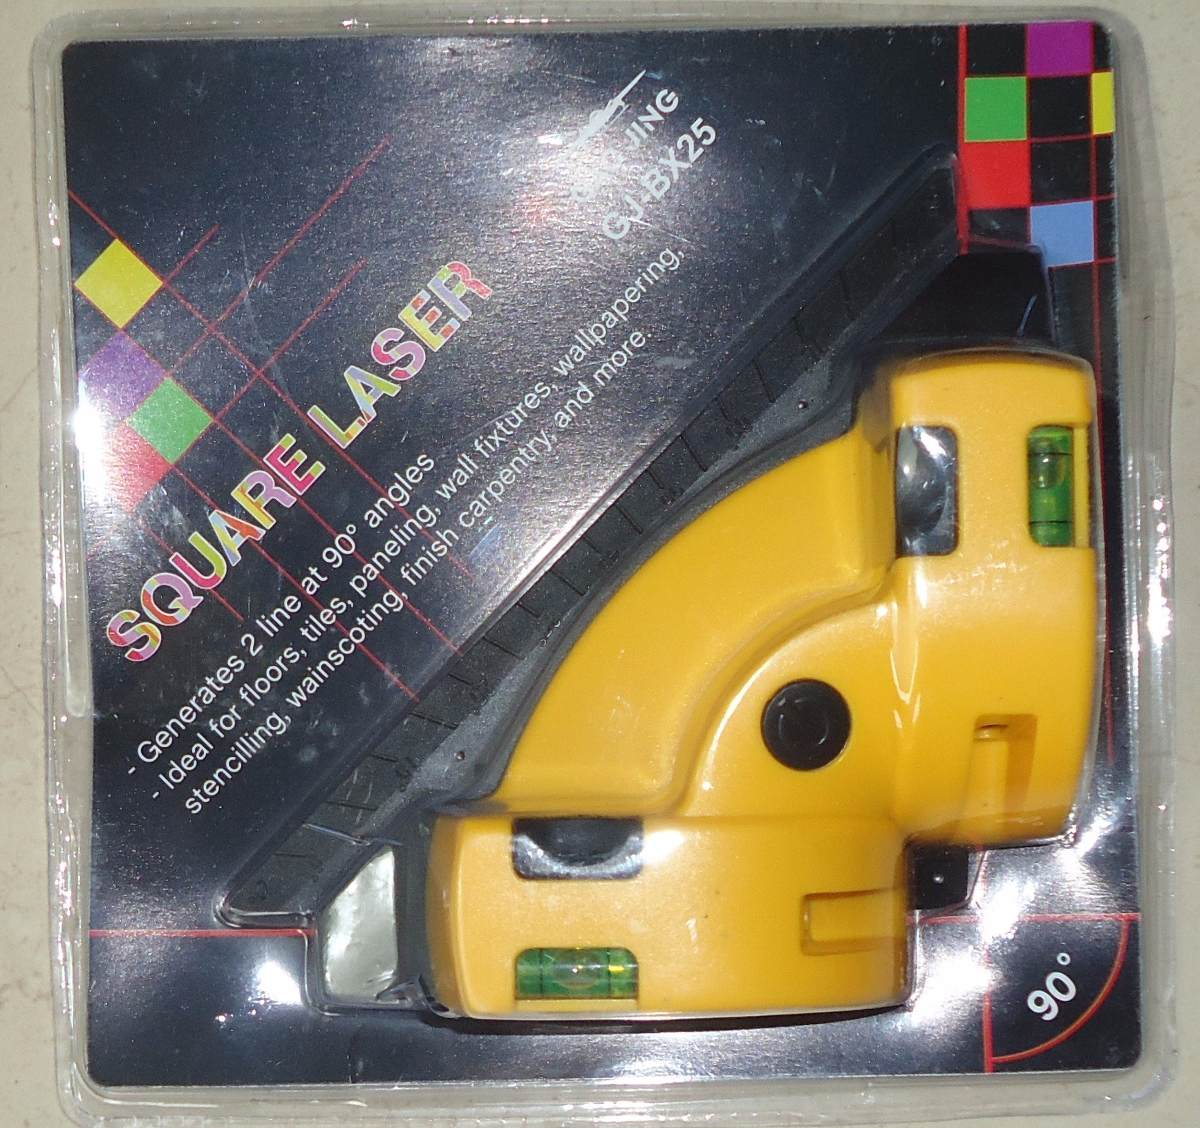 Nivel laser angulo recto 90 grados s 75 s 75 00 en - Nivel laser precios ...